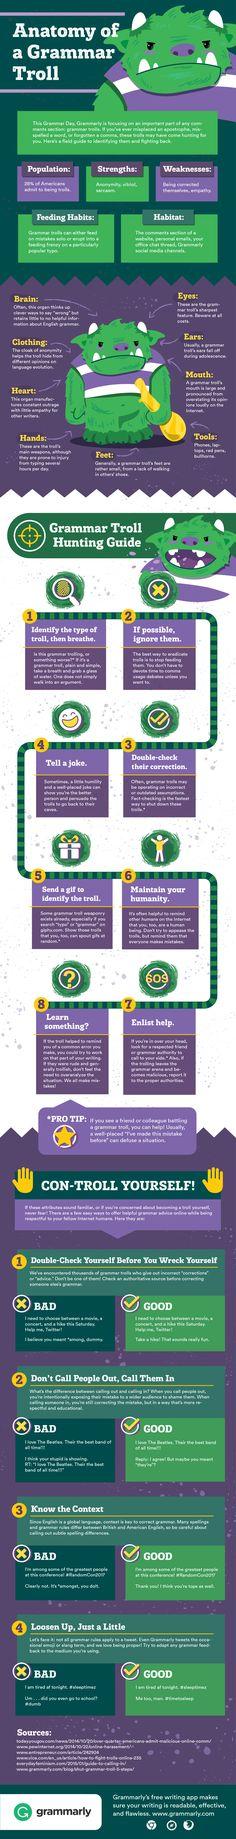 The Anatomy Of A Grammar Troll | Dealing With Grammar Trolls | #SocialMedia #Infographic